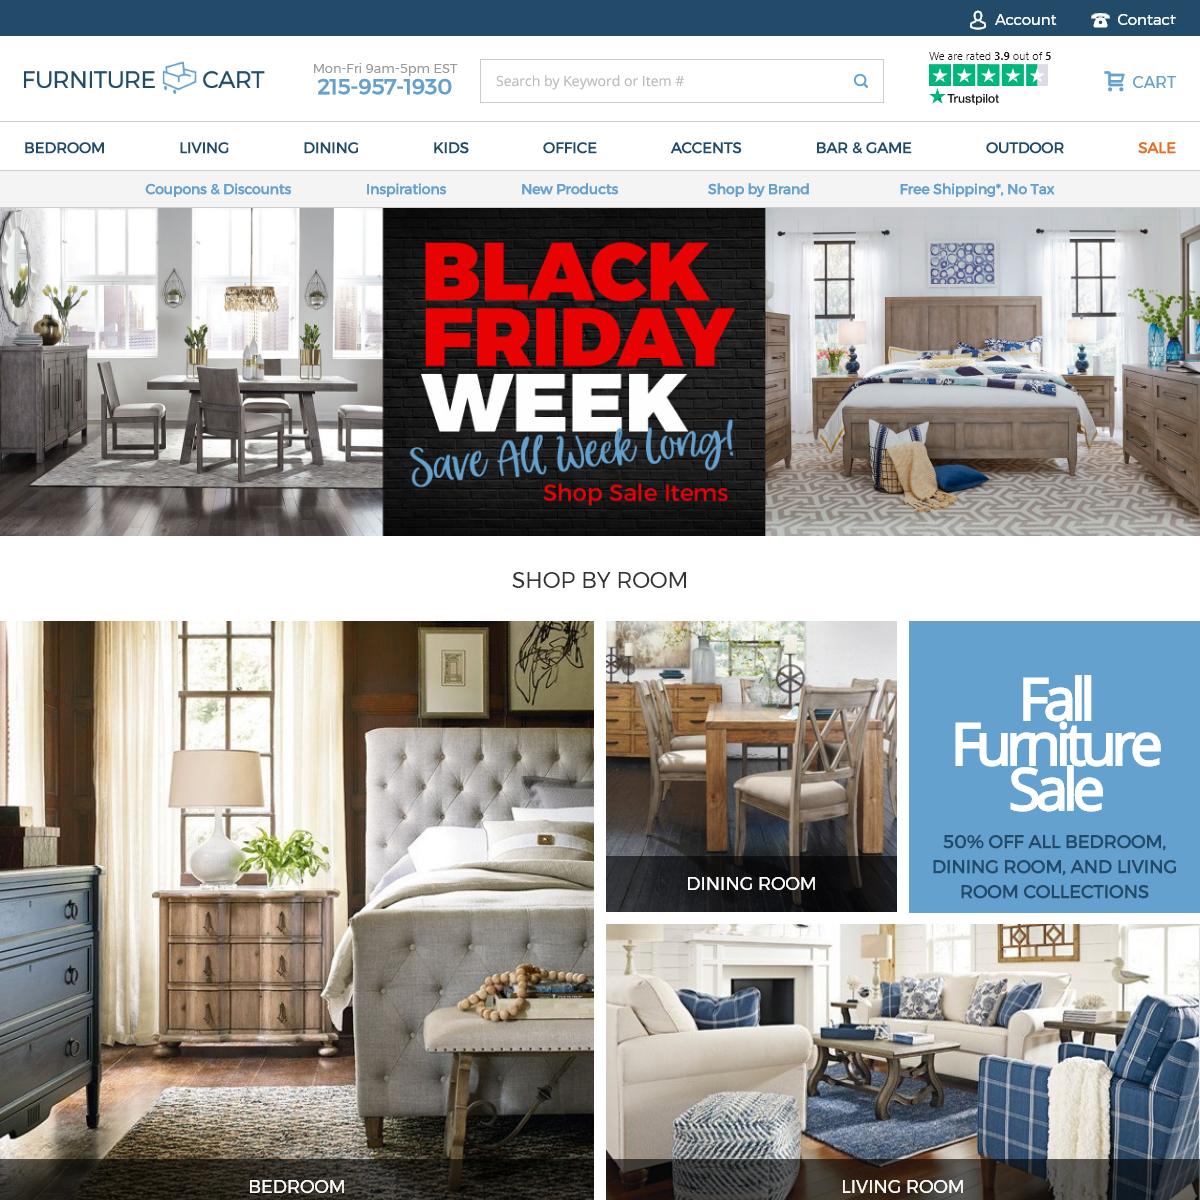 Furniture, Bedroom Furniture, Living Room Furniture, Dining Room Furniture - Furniture Cart